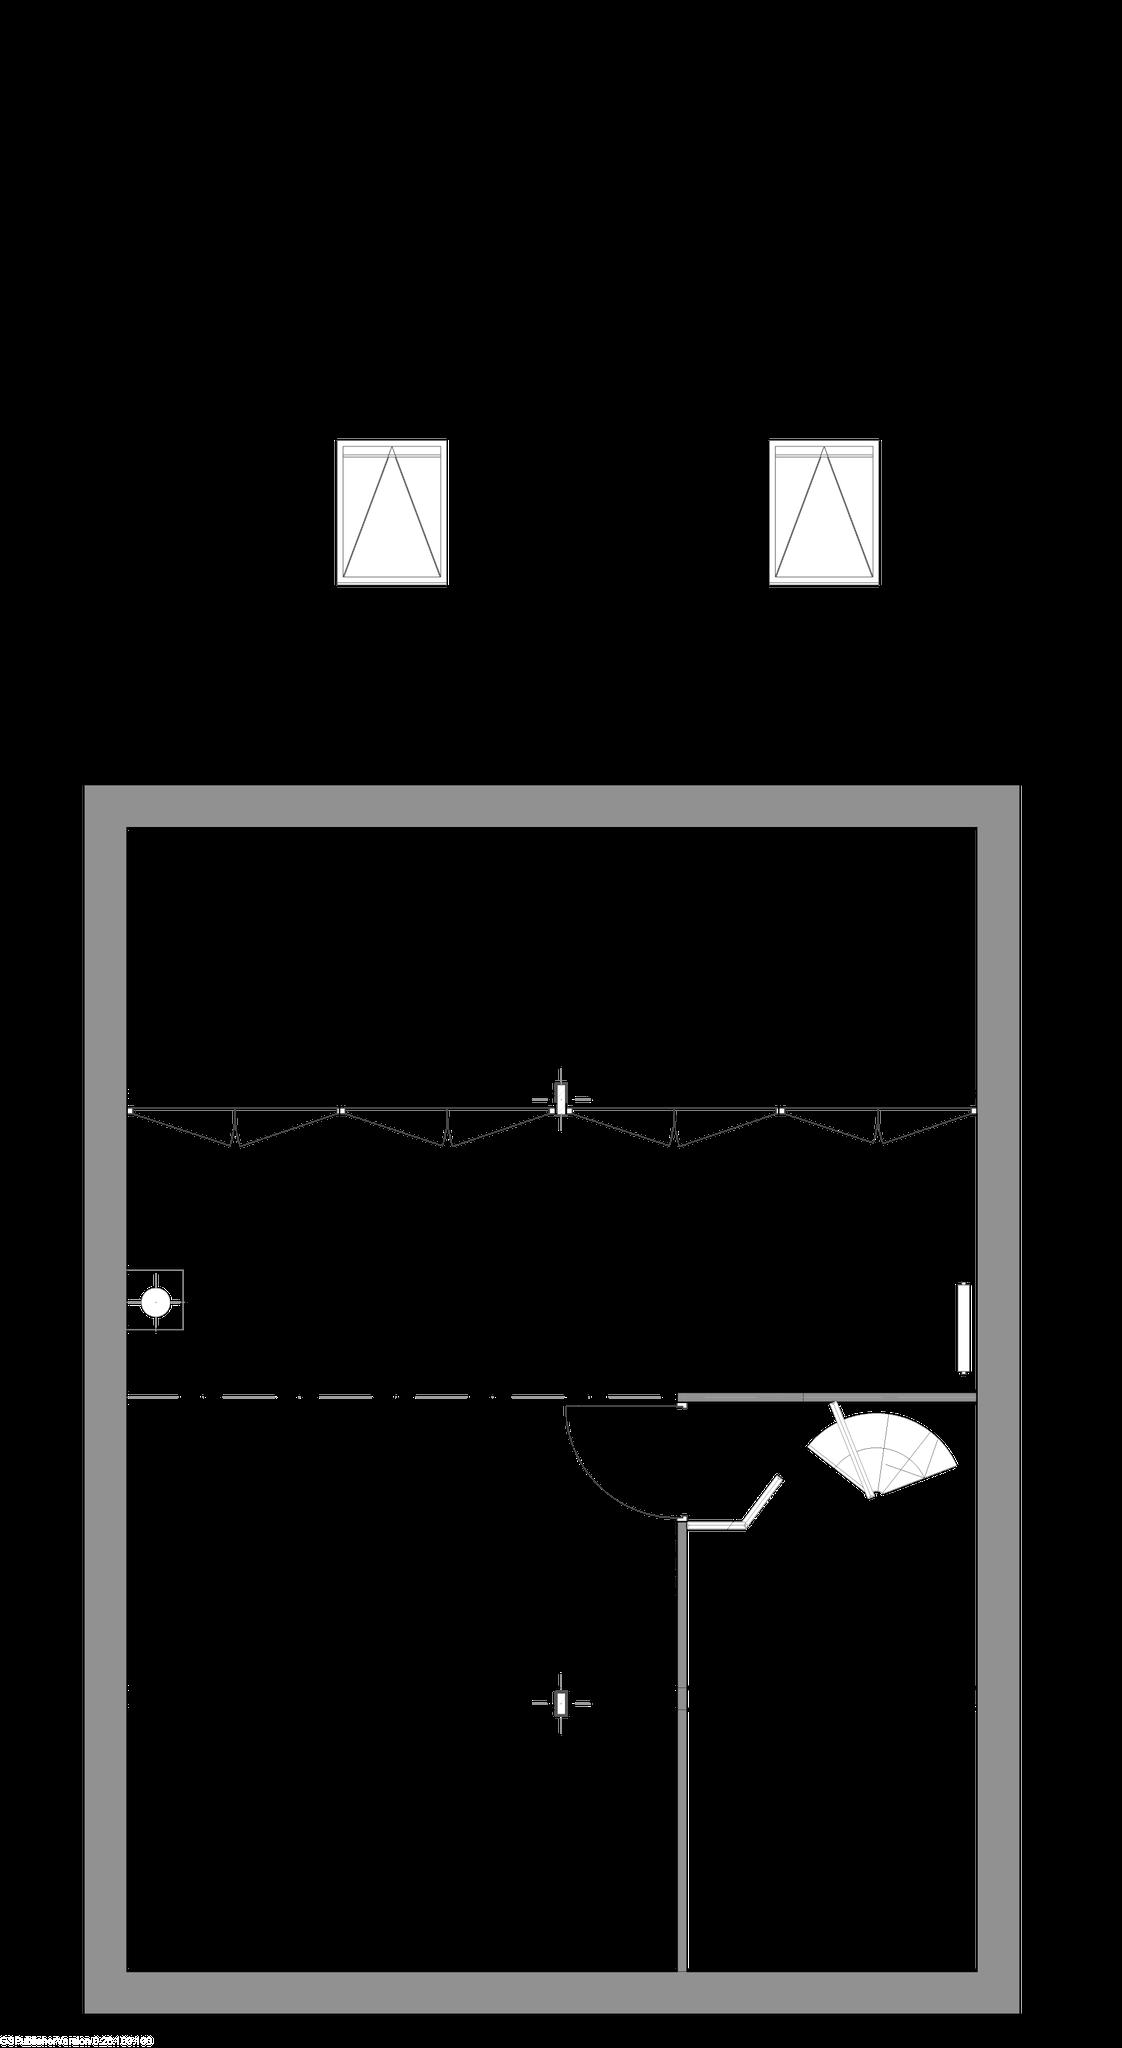 Plan de deuxième étage